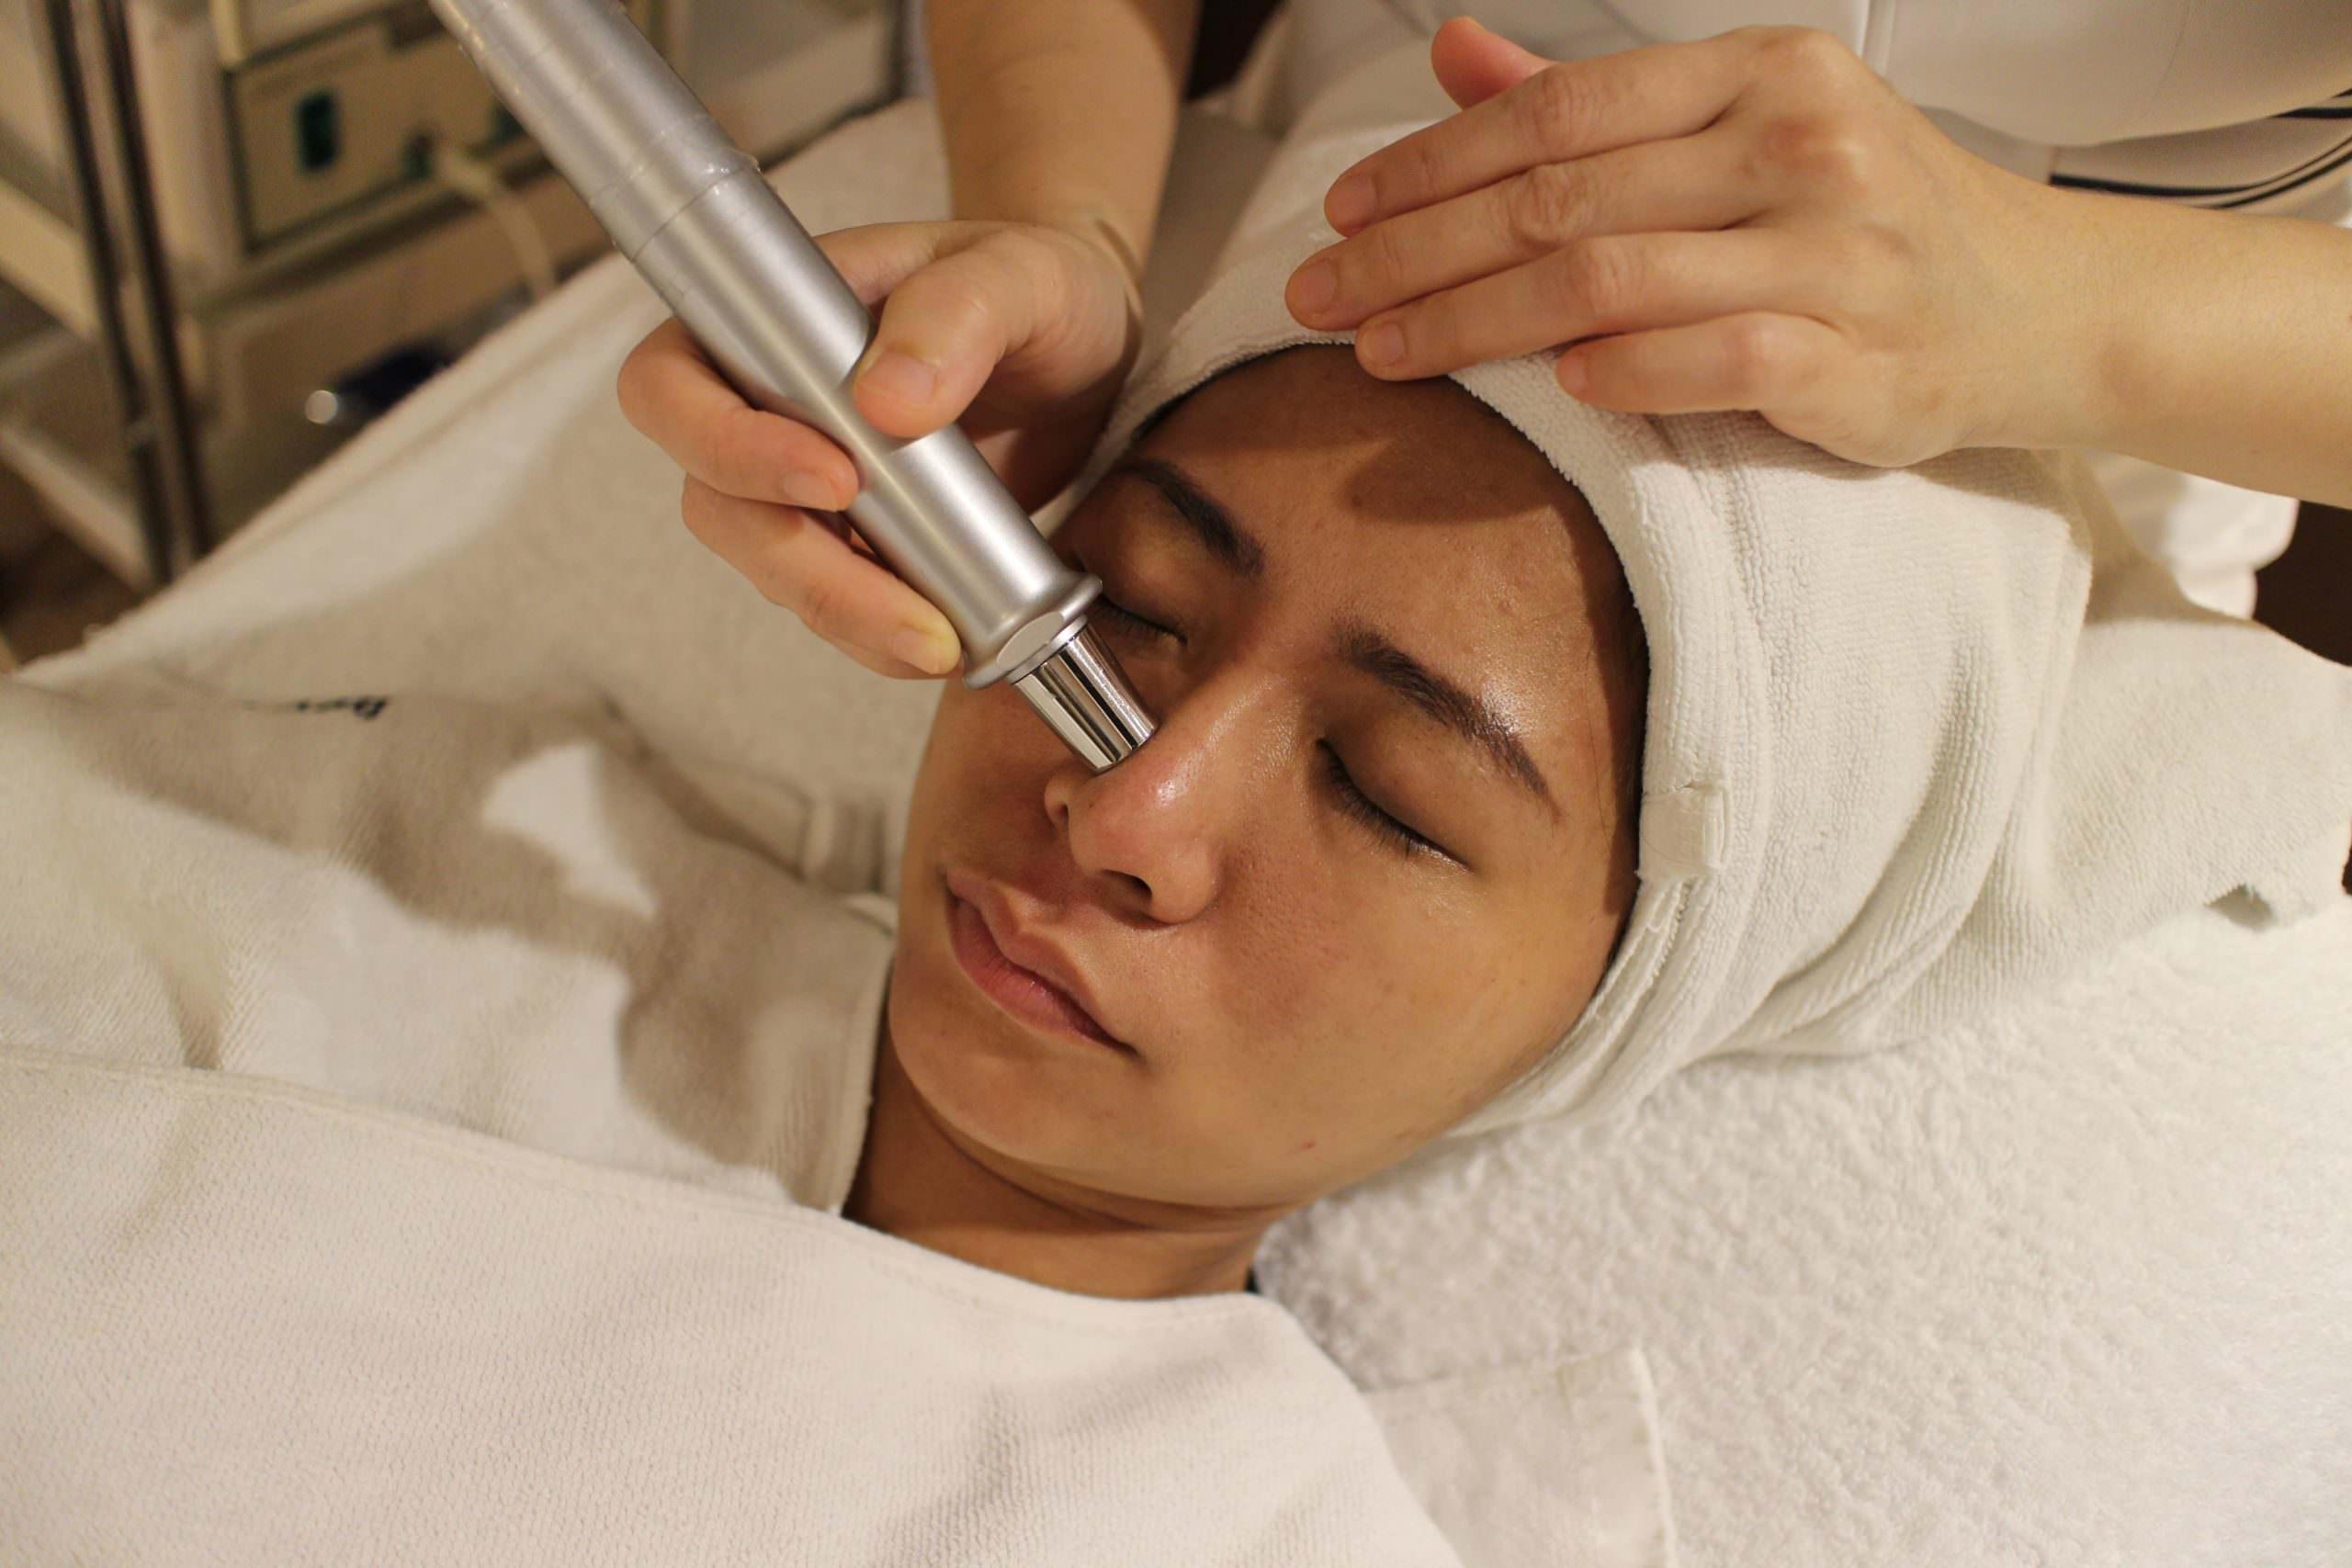 台北芳療SPA推薦 :: her spa 超越醫美的毛孔緊緻護理,非侵入性的無痛除粉刺課程